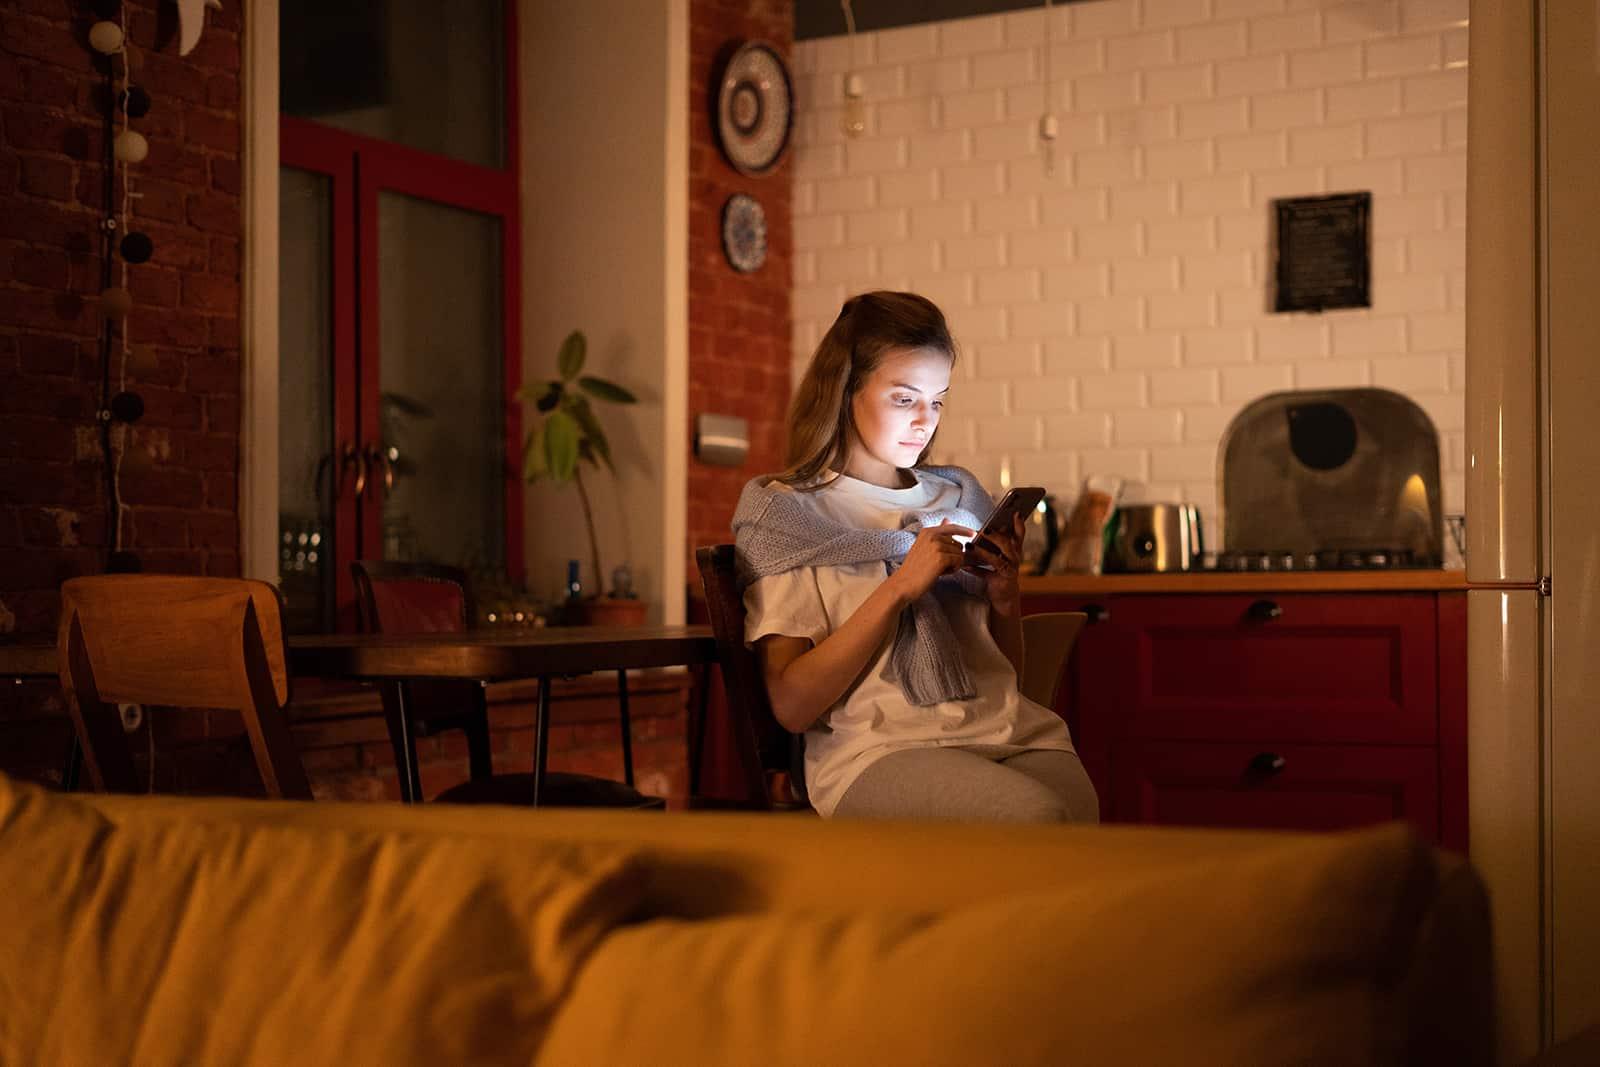 eine Frau, die ein Smartphone benutzt, während sie alleine in einem Esszimmer sitzt